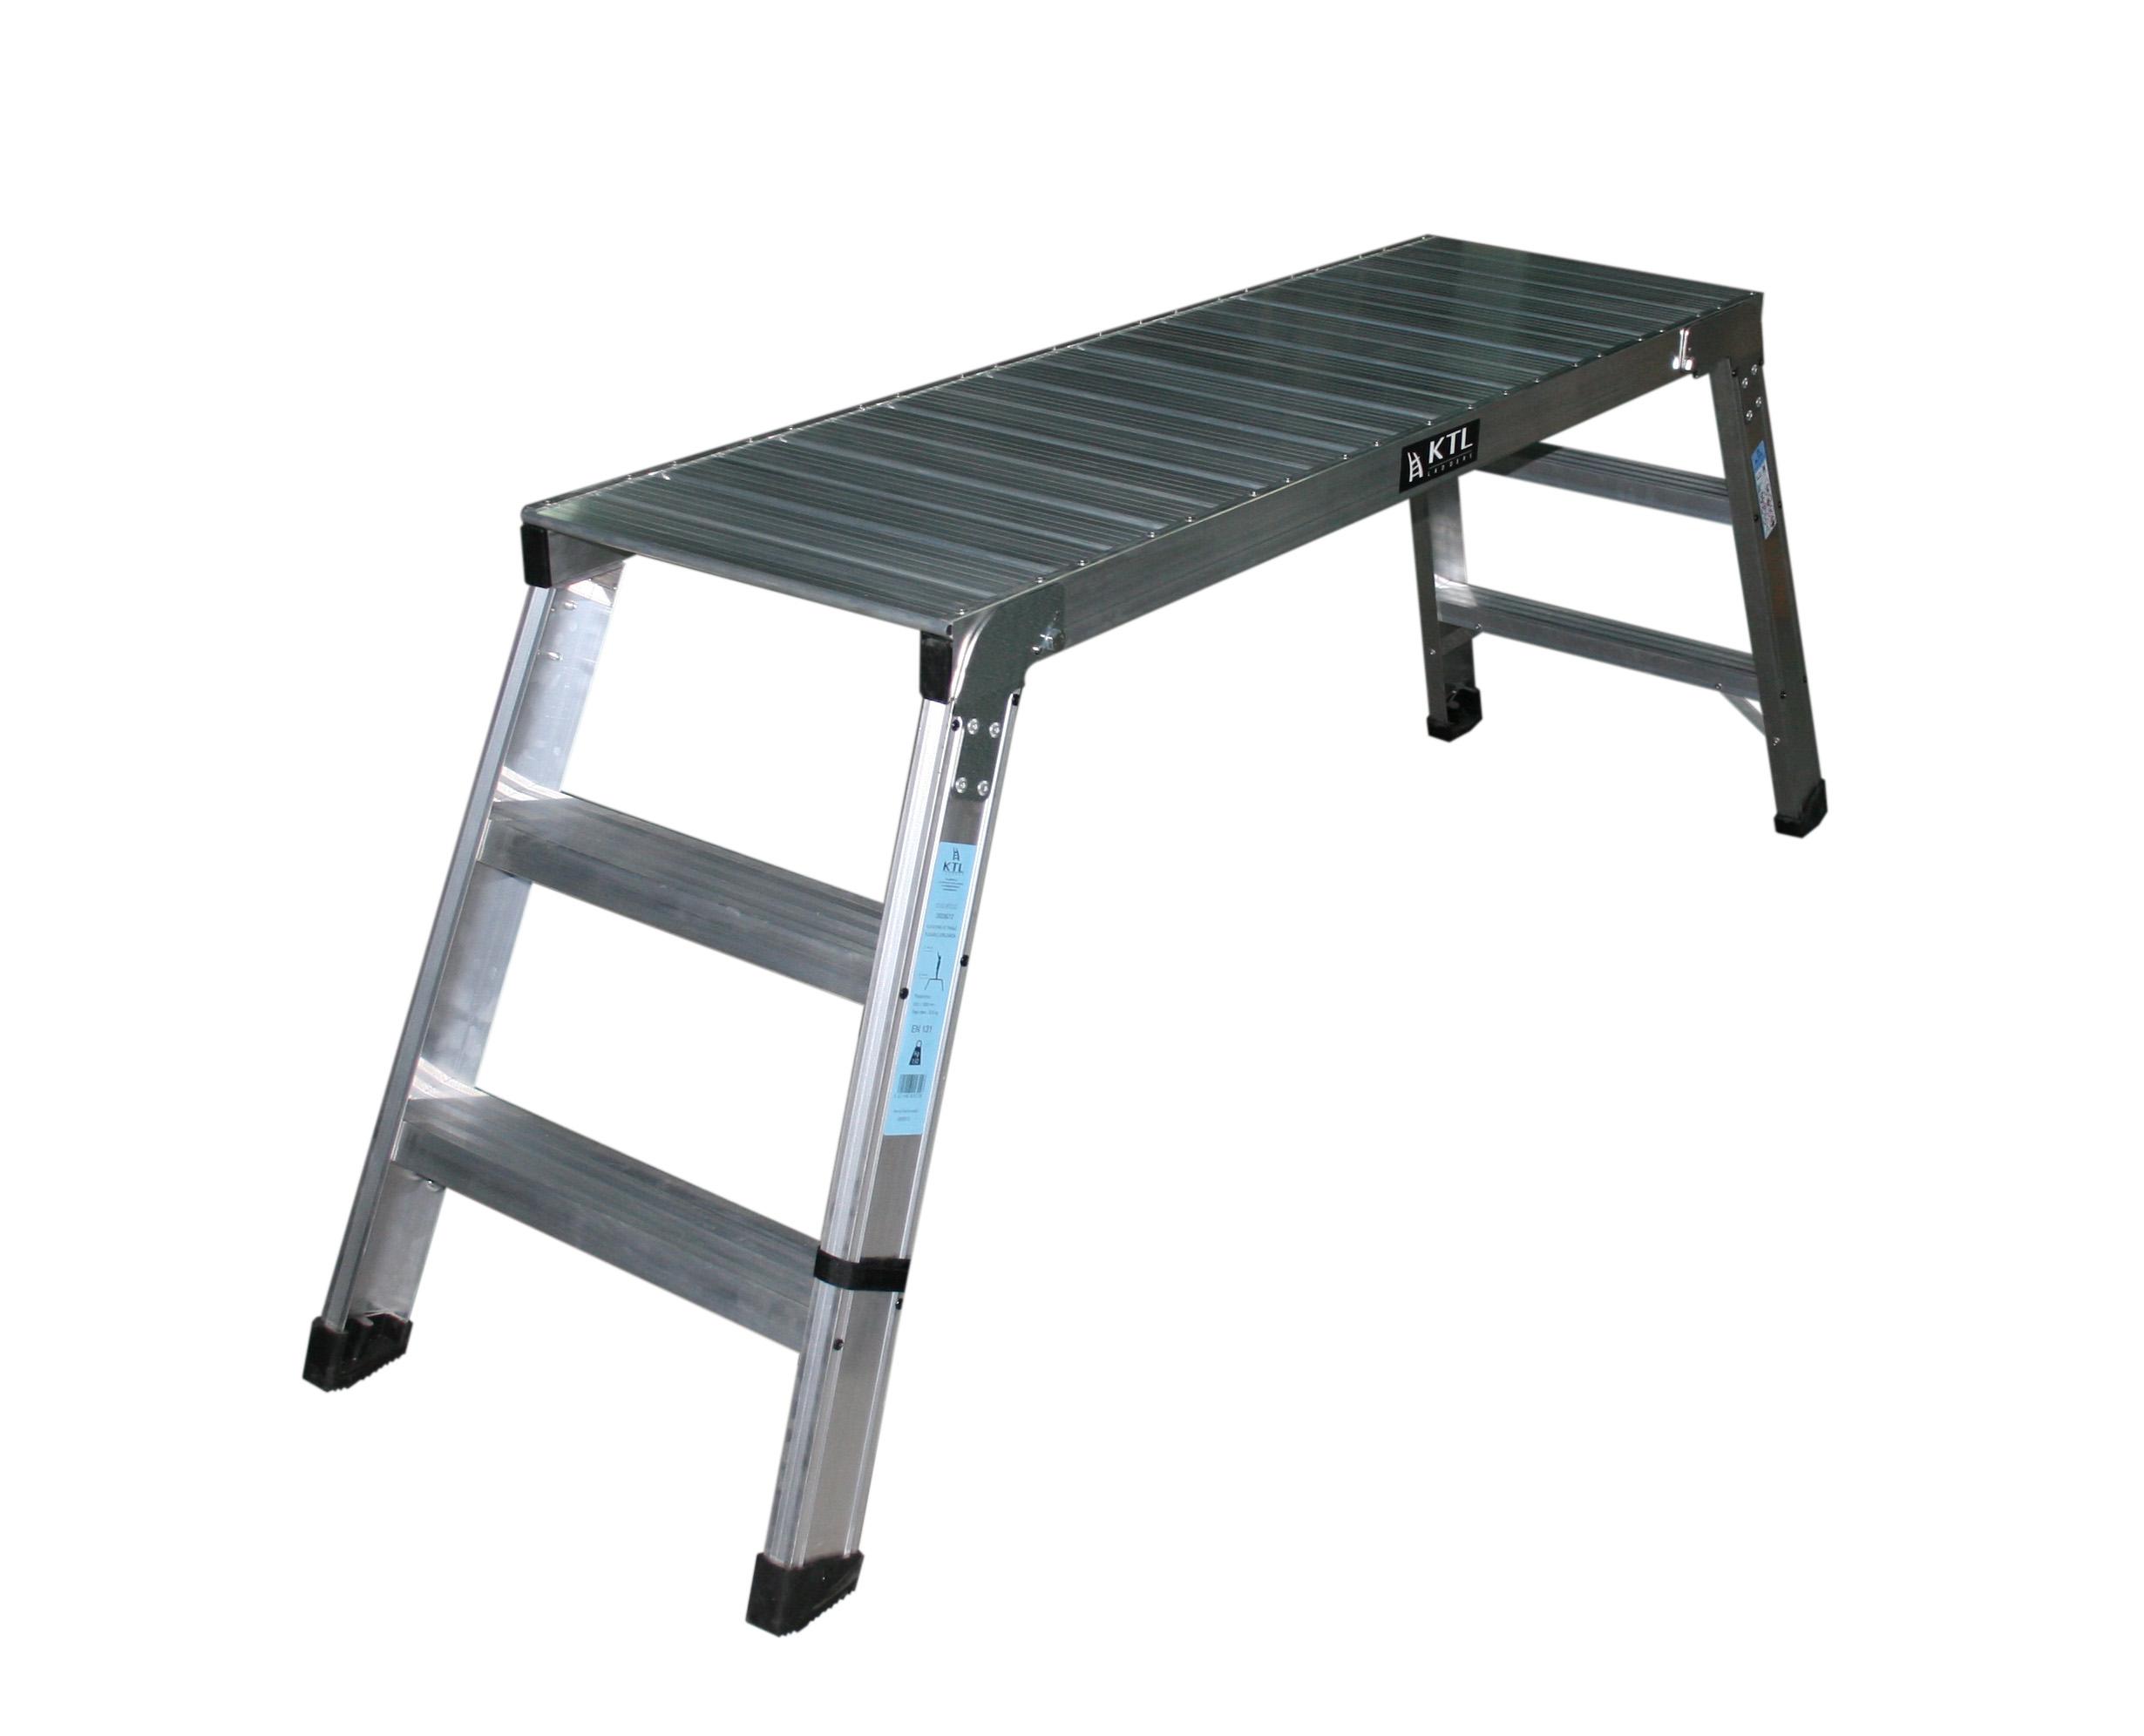 plataforma de trabajo plegable karla Plataforma de trabajo plegable KARLA 26034515 ptp